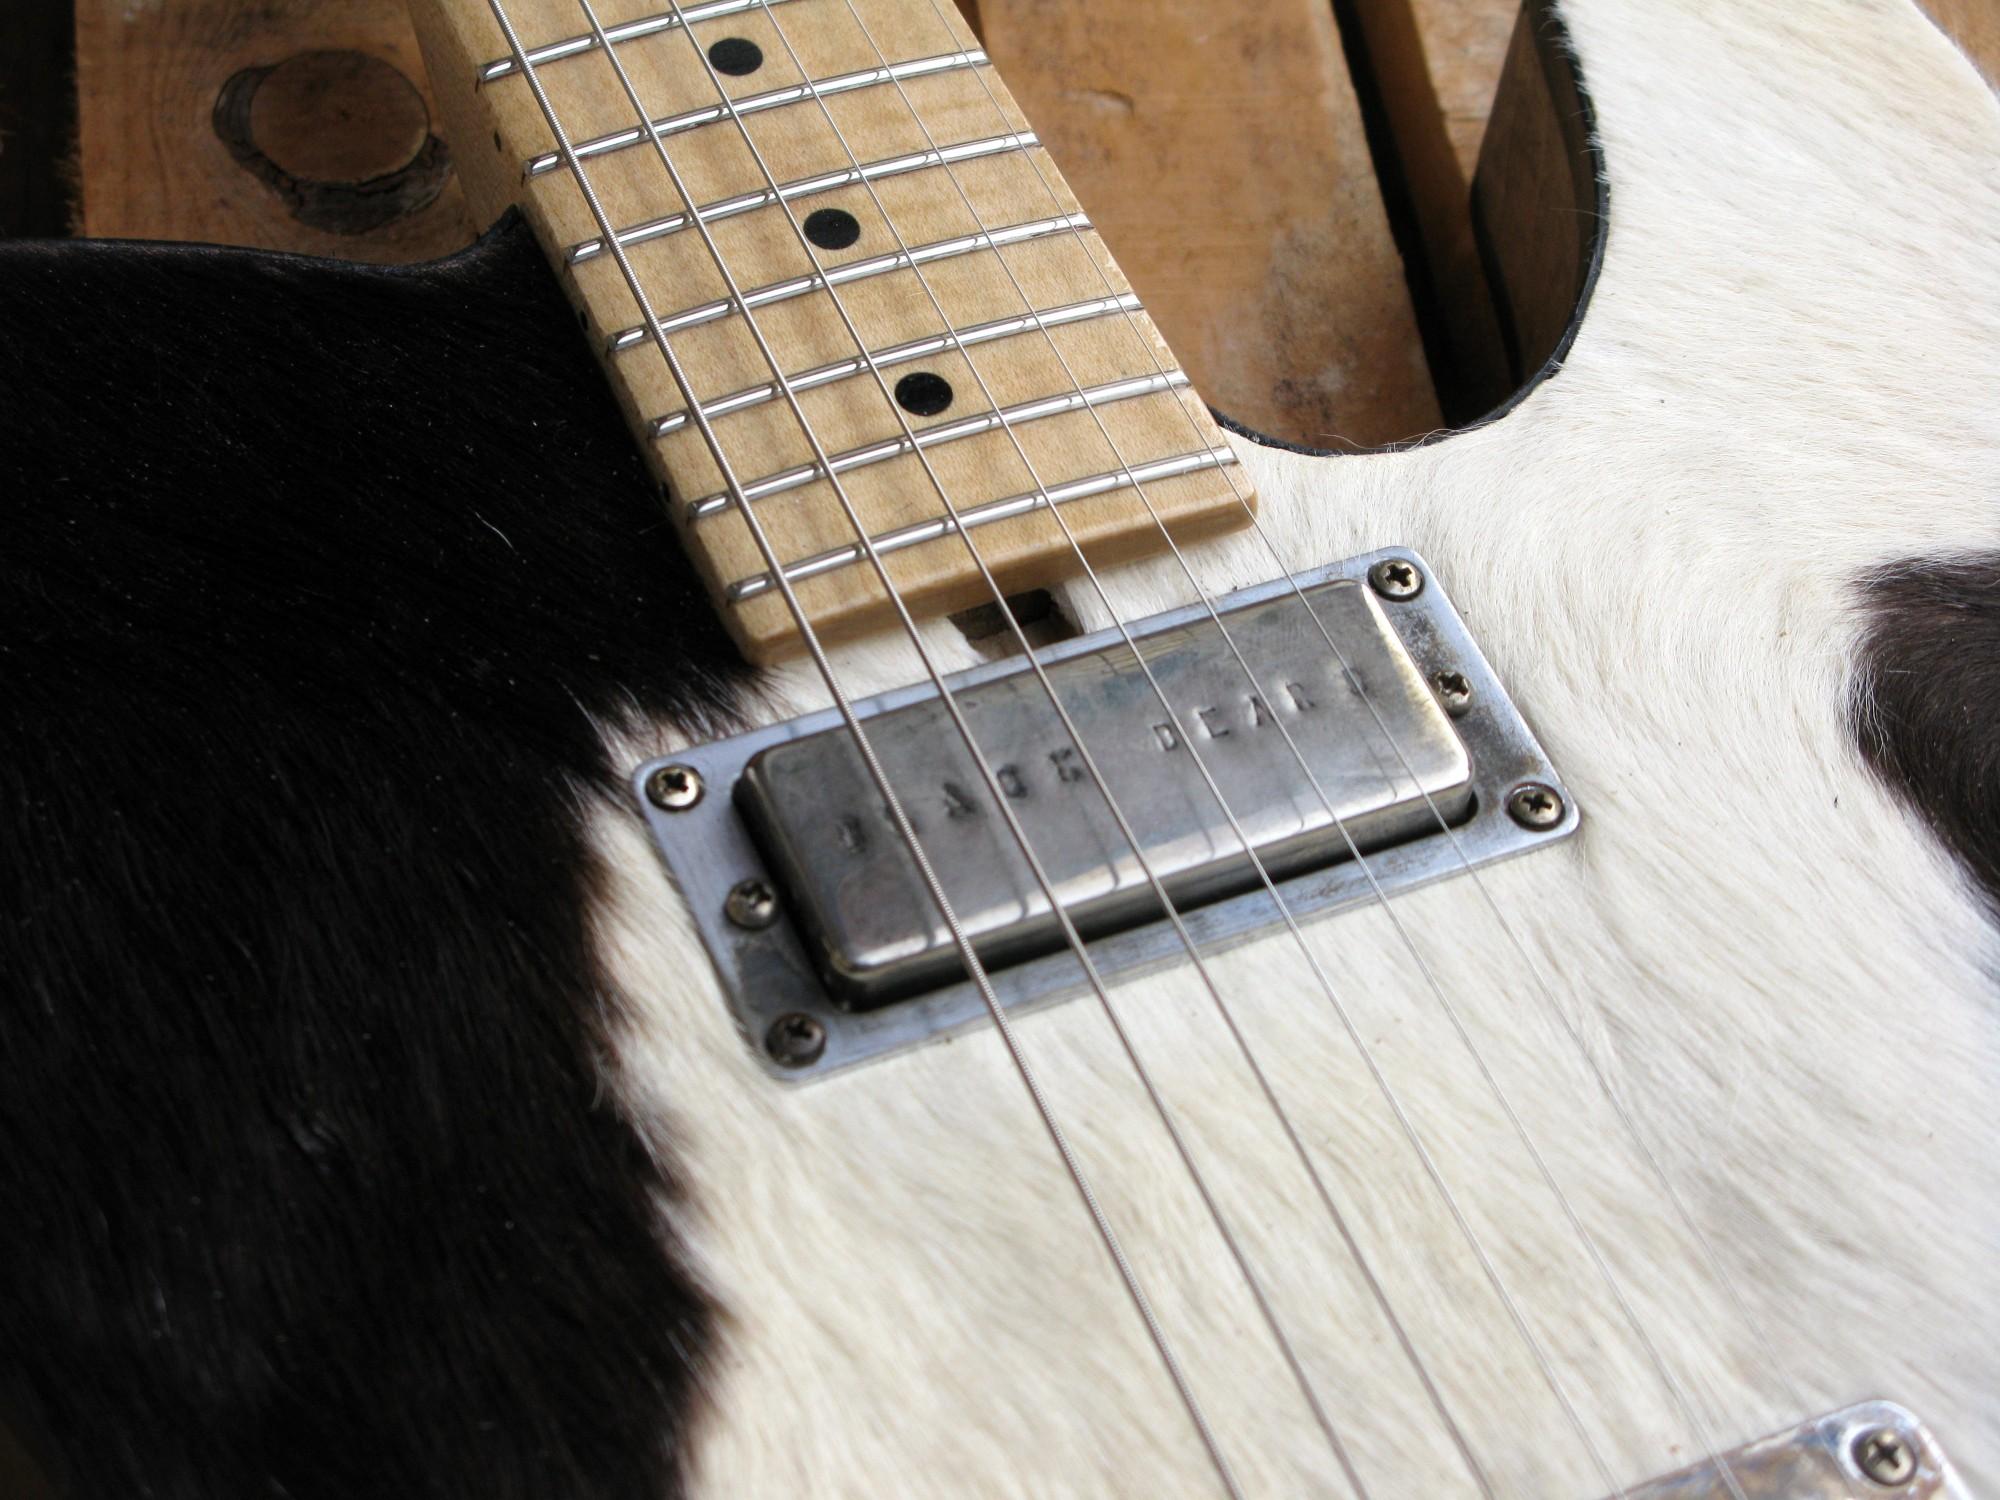 Pickup al manico di una chitarra Telecaster in castagno con top in pelle di mucca